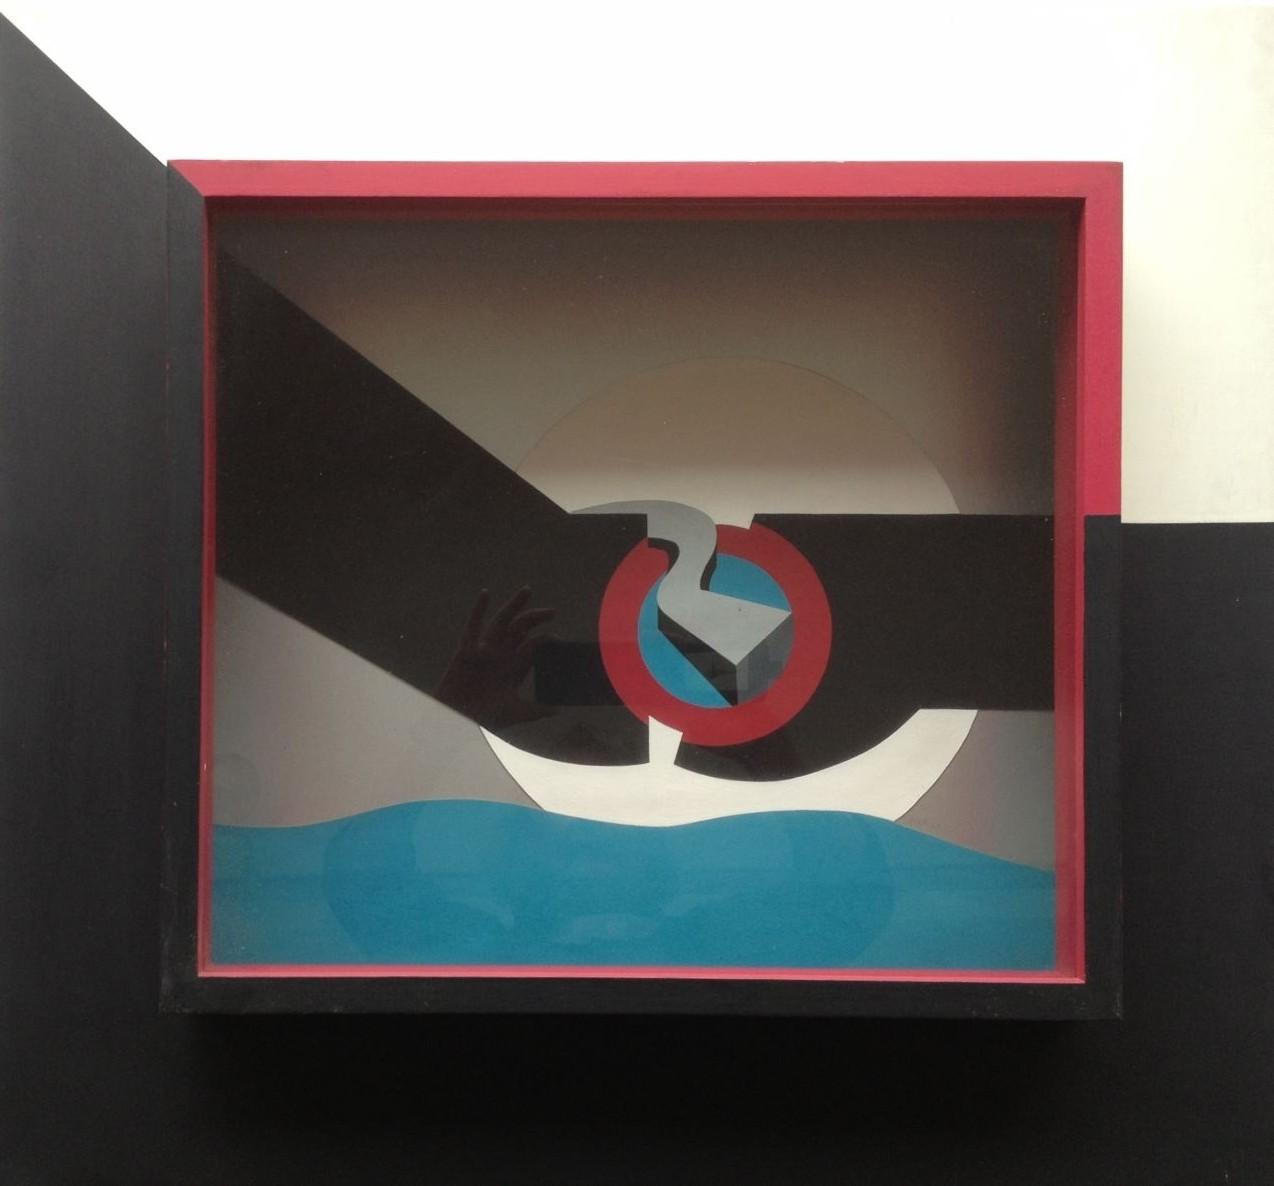 Raumschnitt, Holz bemalt, Gouache, 60 x 65 x 15 cm, 1973 (#593)